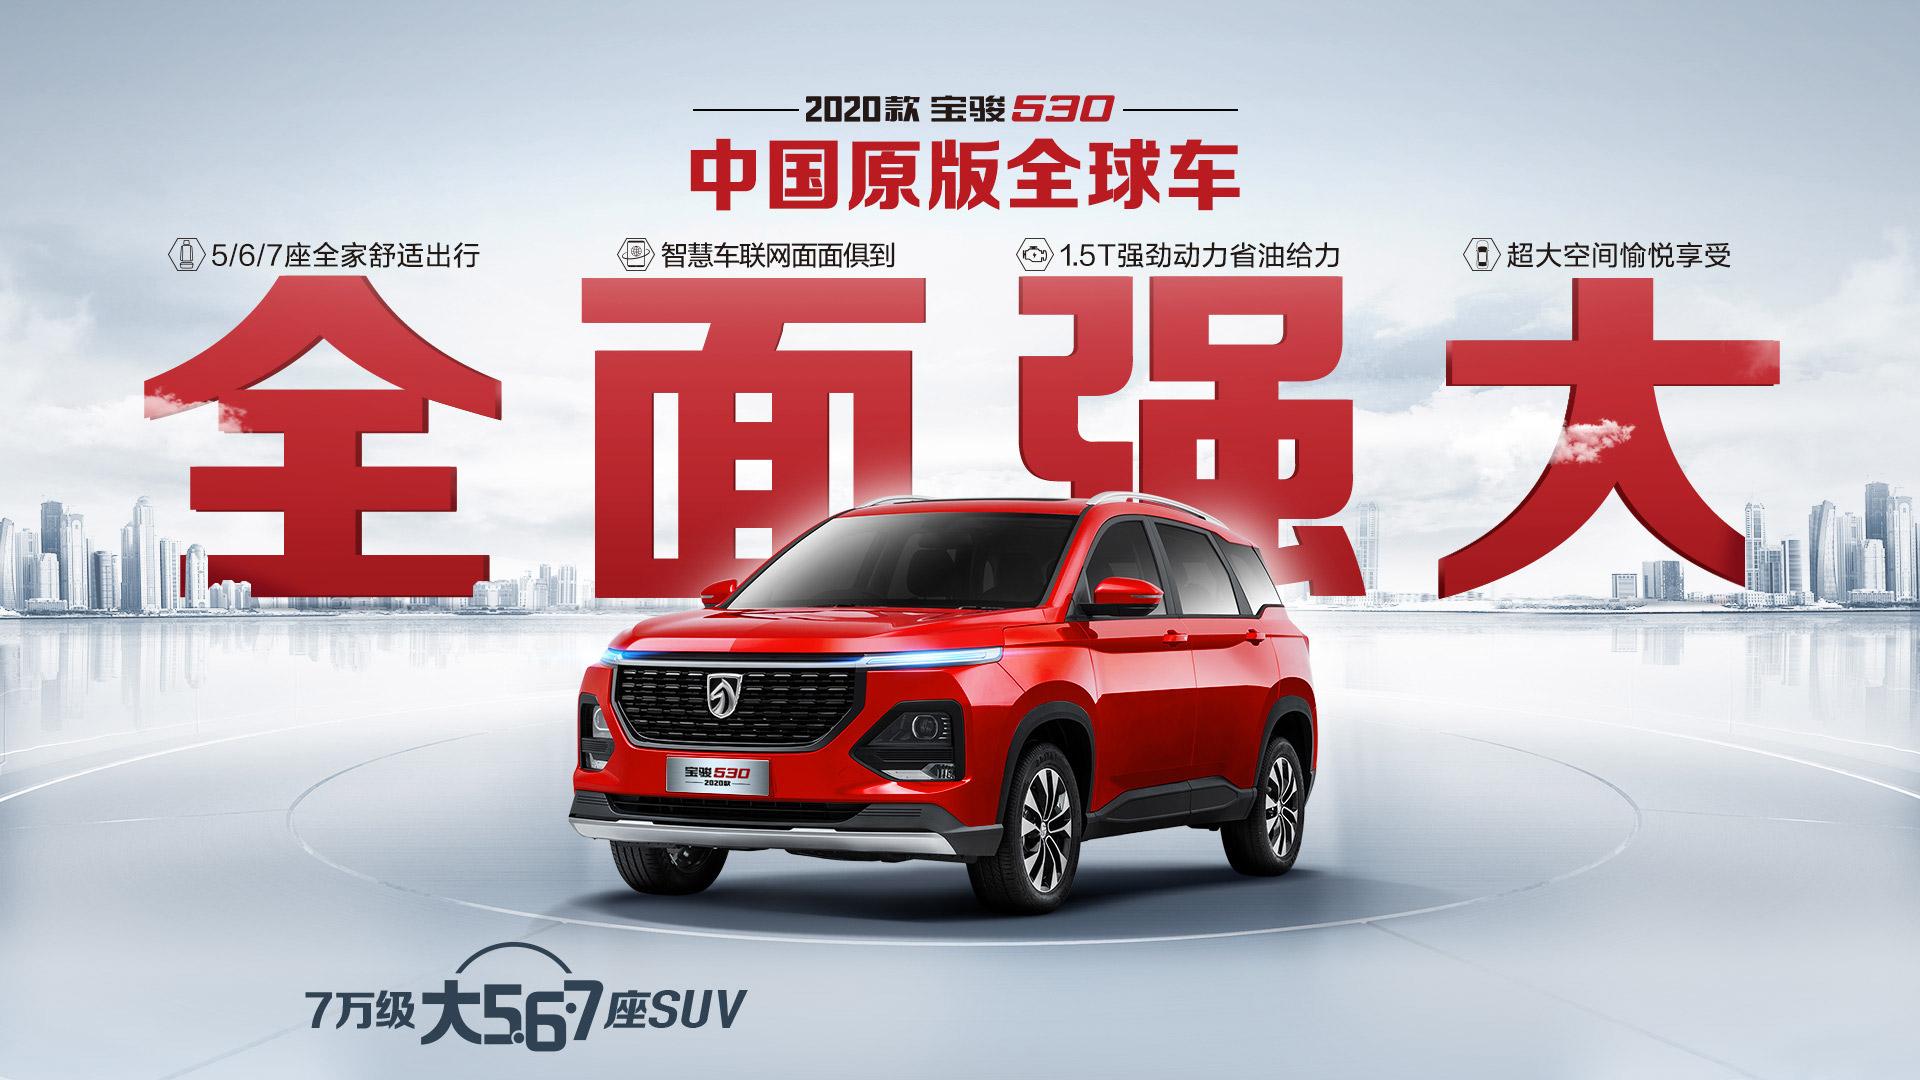 寶駿530,2020款,中國原版全(quan)球車,五(wu)座,六座,七座